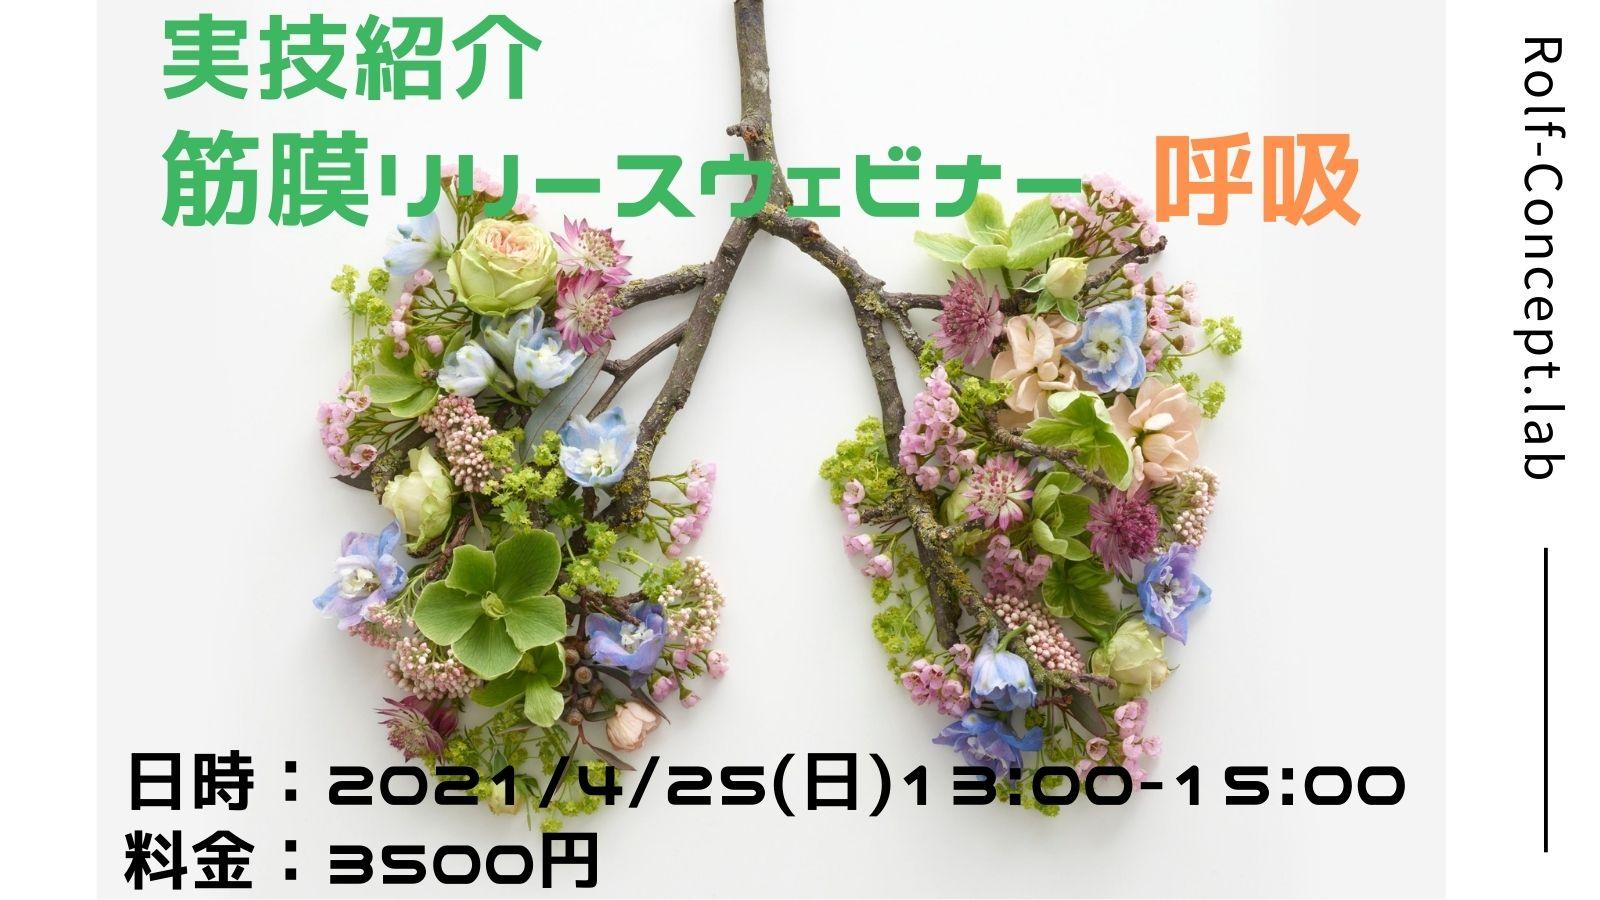 2021/04/25(日) 筋膜リリースウェビナー 呼吸